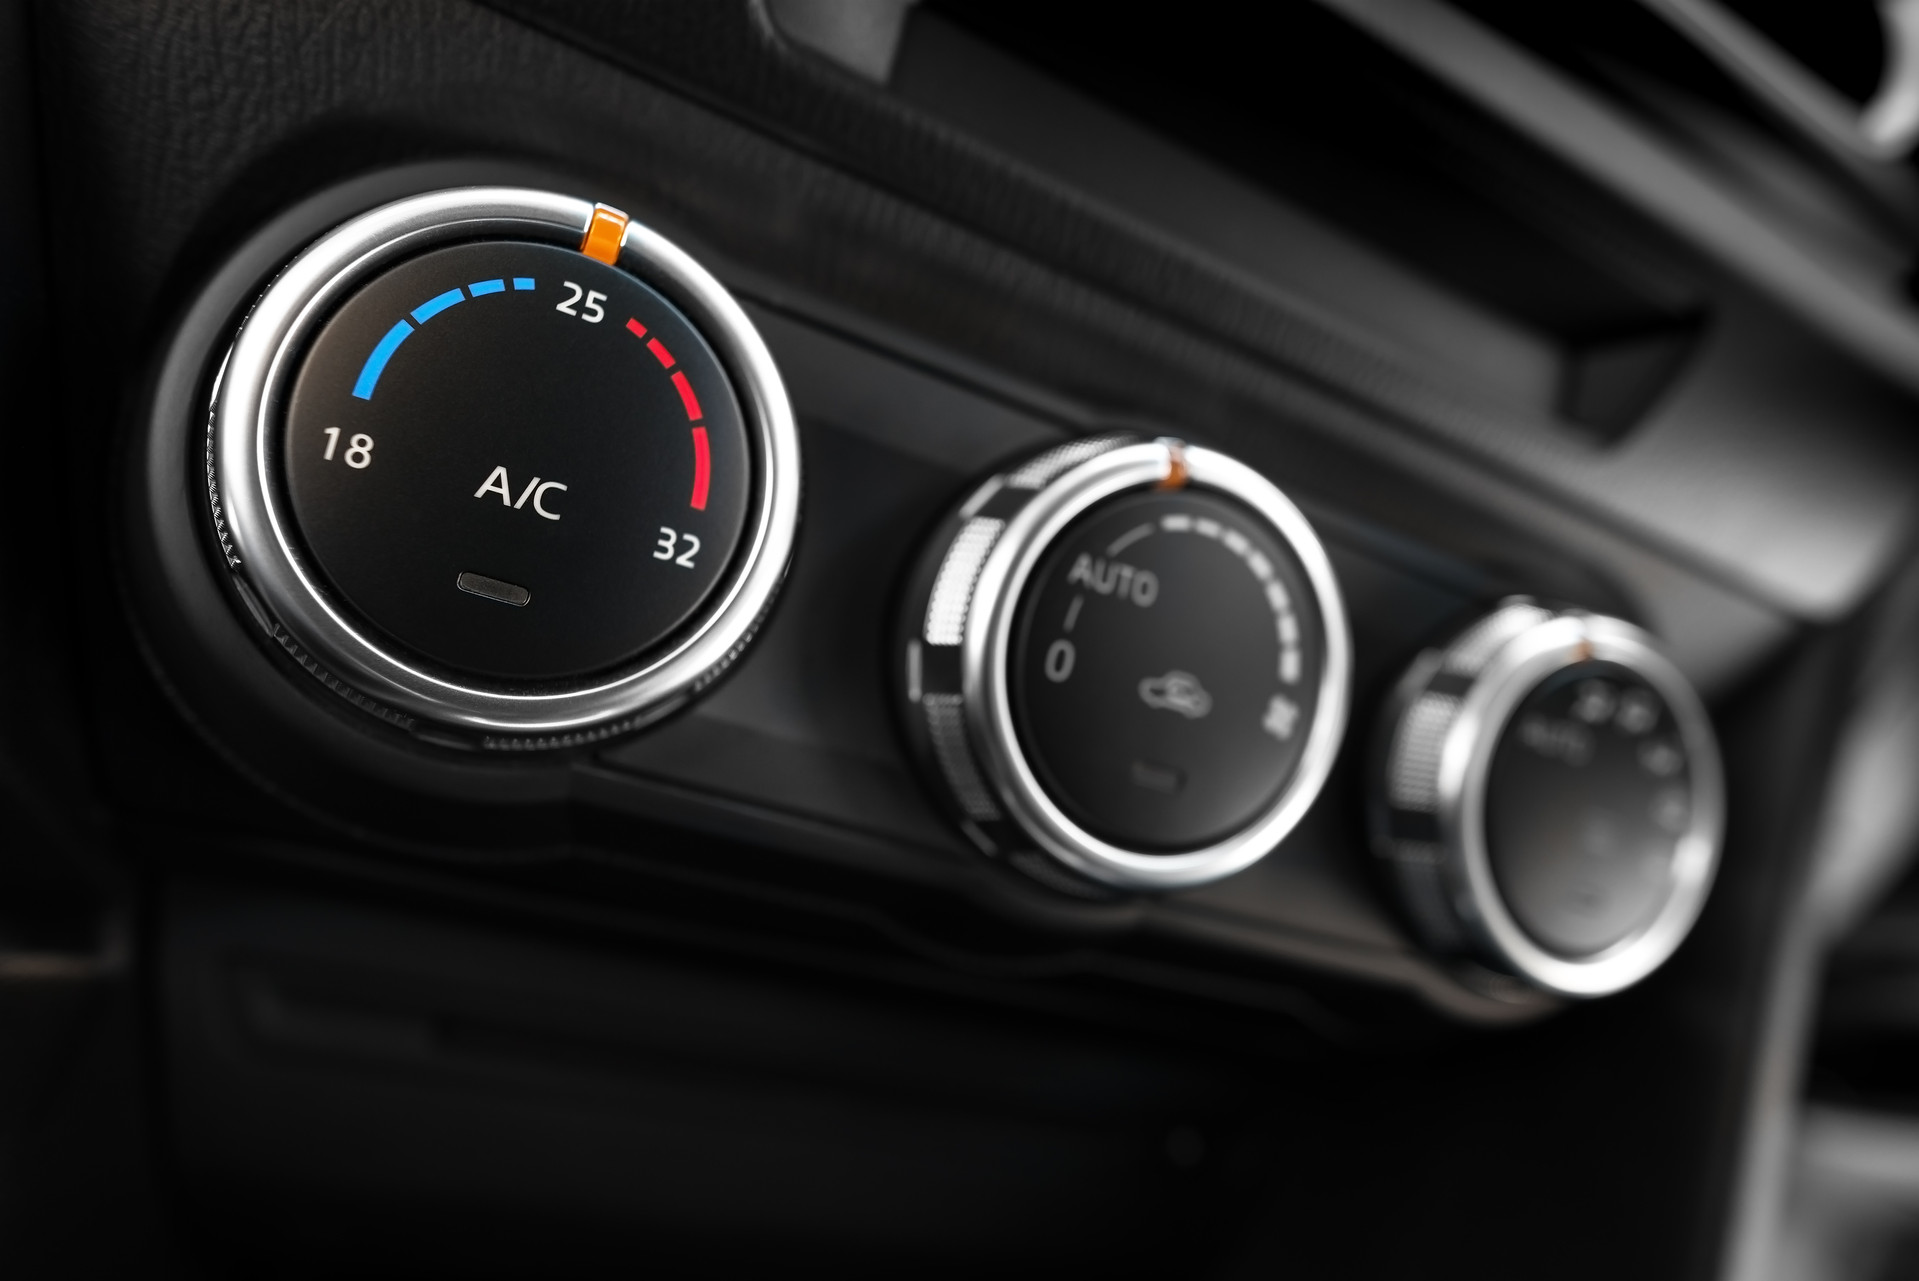 4 - Minimisez l'usage de la climatisation dans la voiture